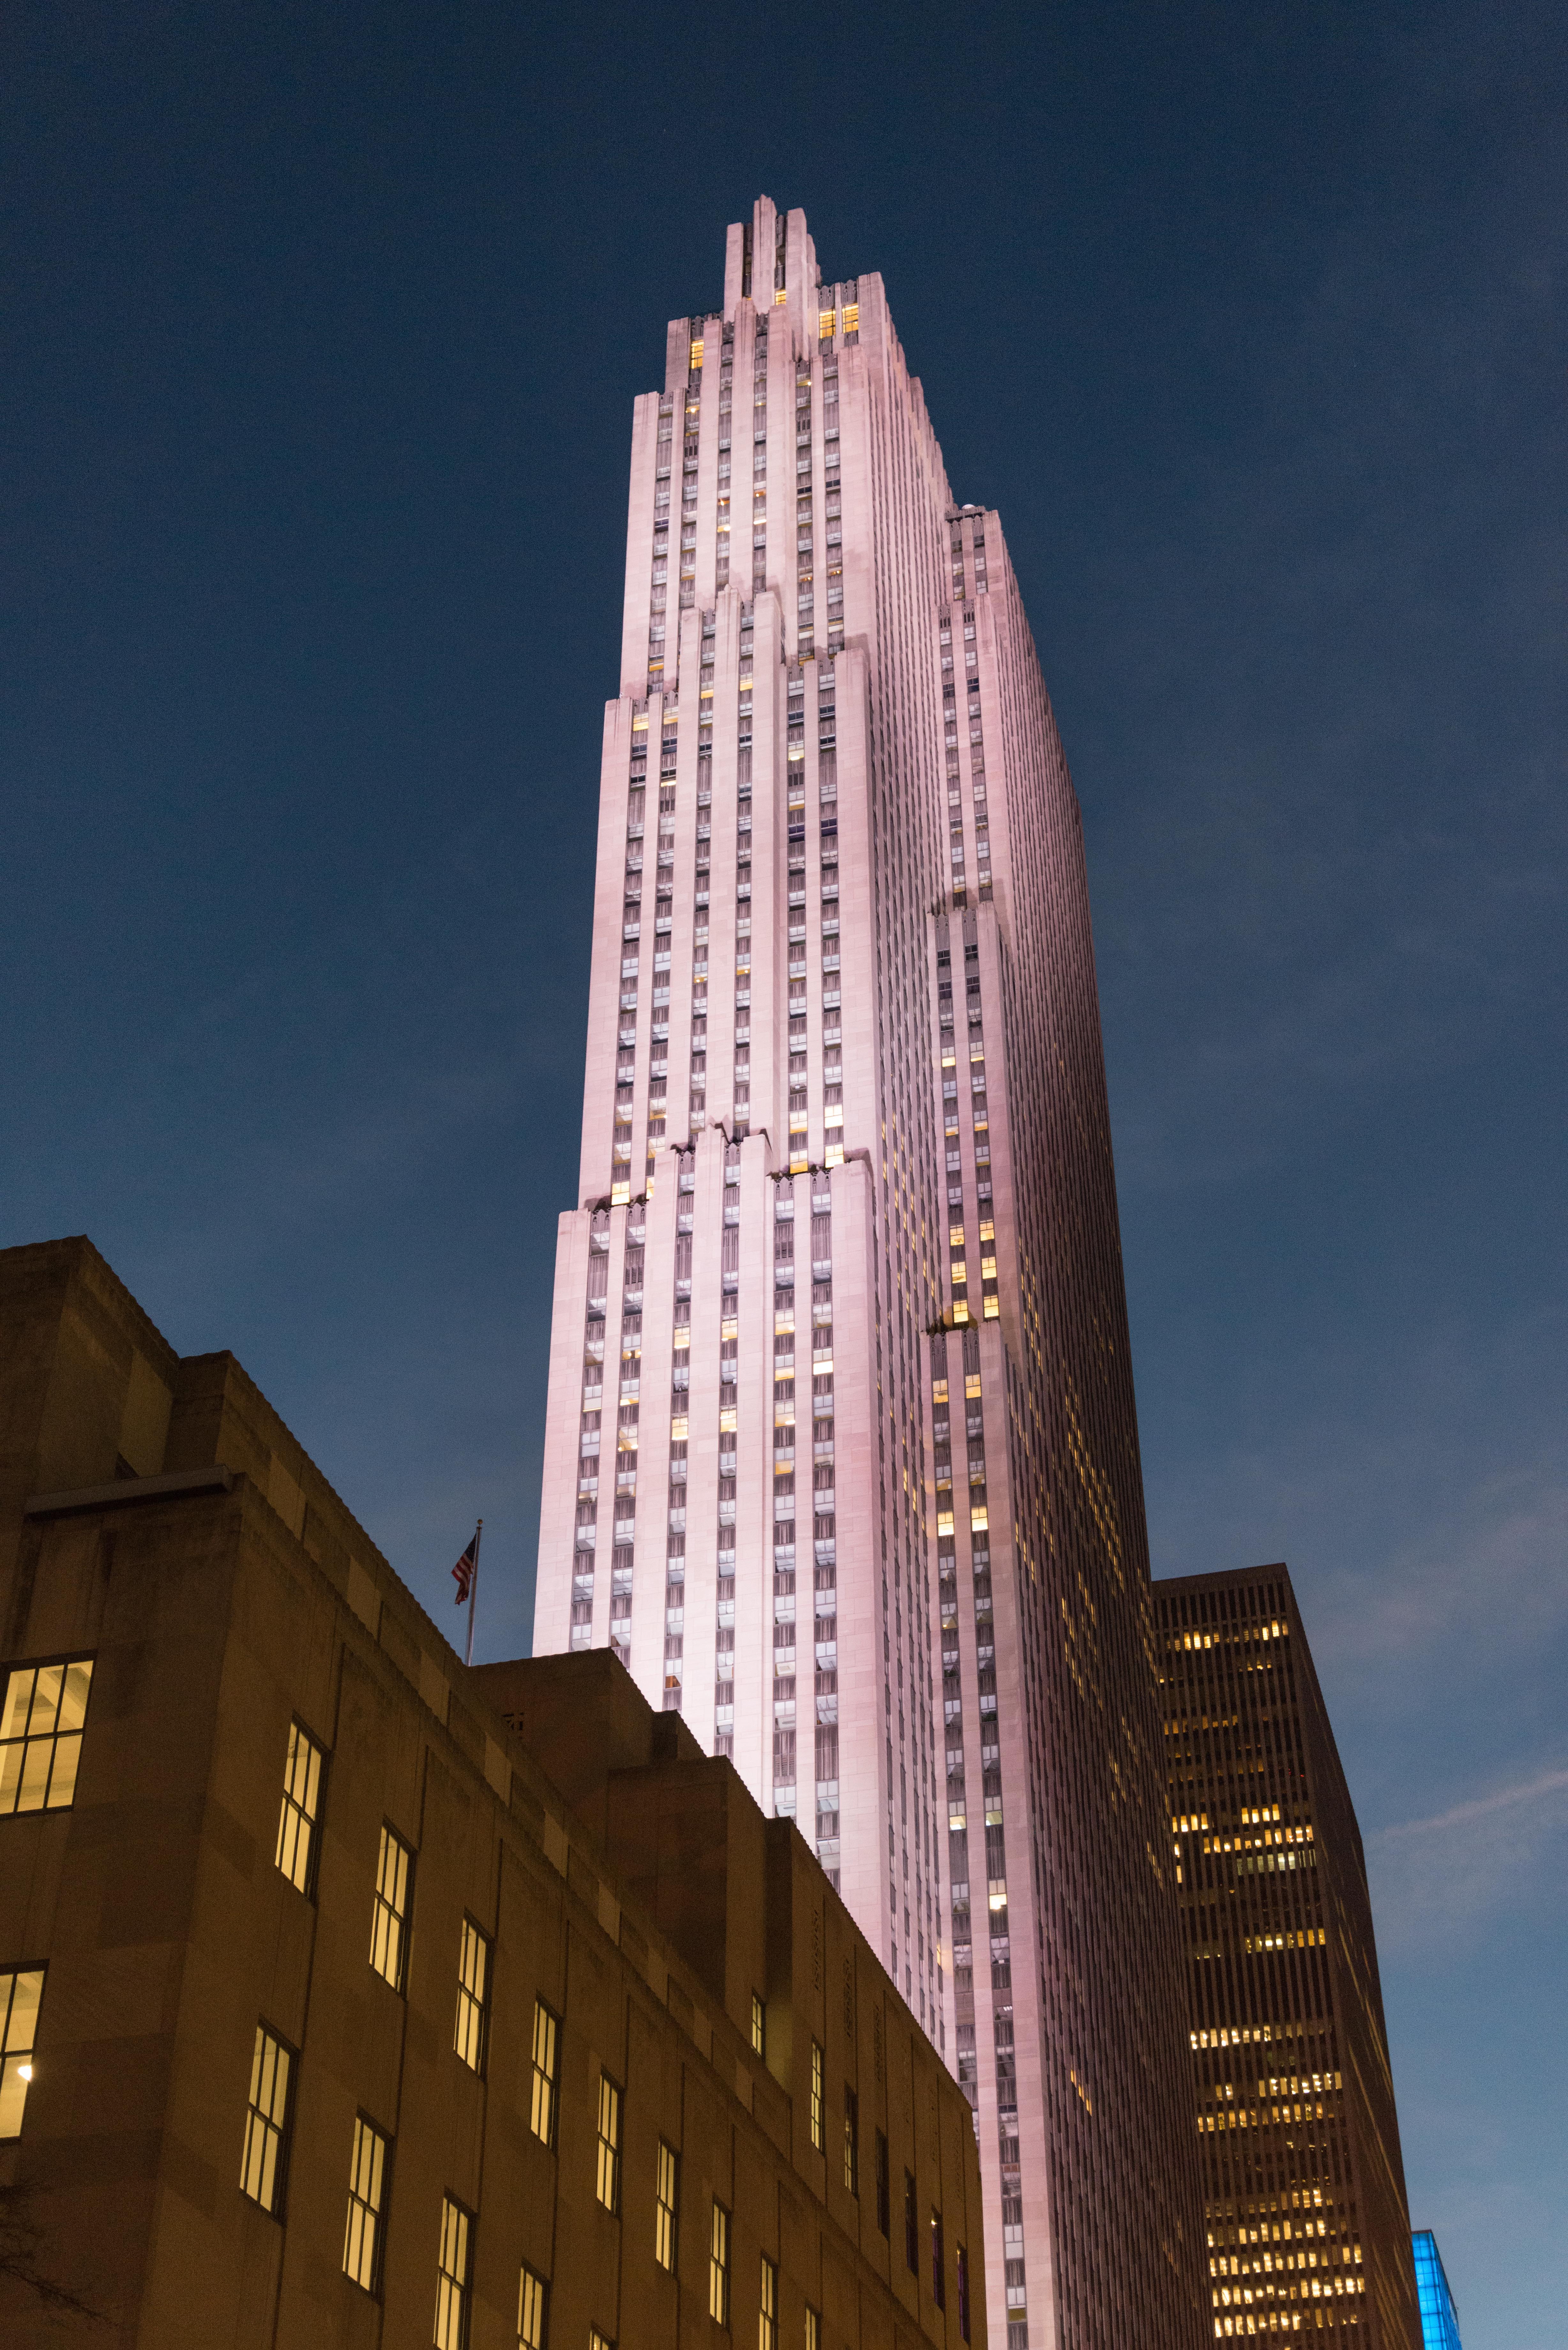 Rockefeller_Center_-_New_York,_NY,_USA_-_August_21,_2015_04.jpg